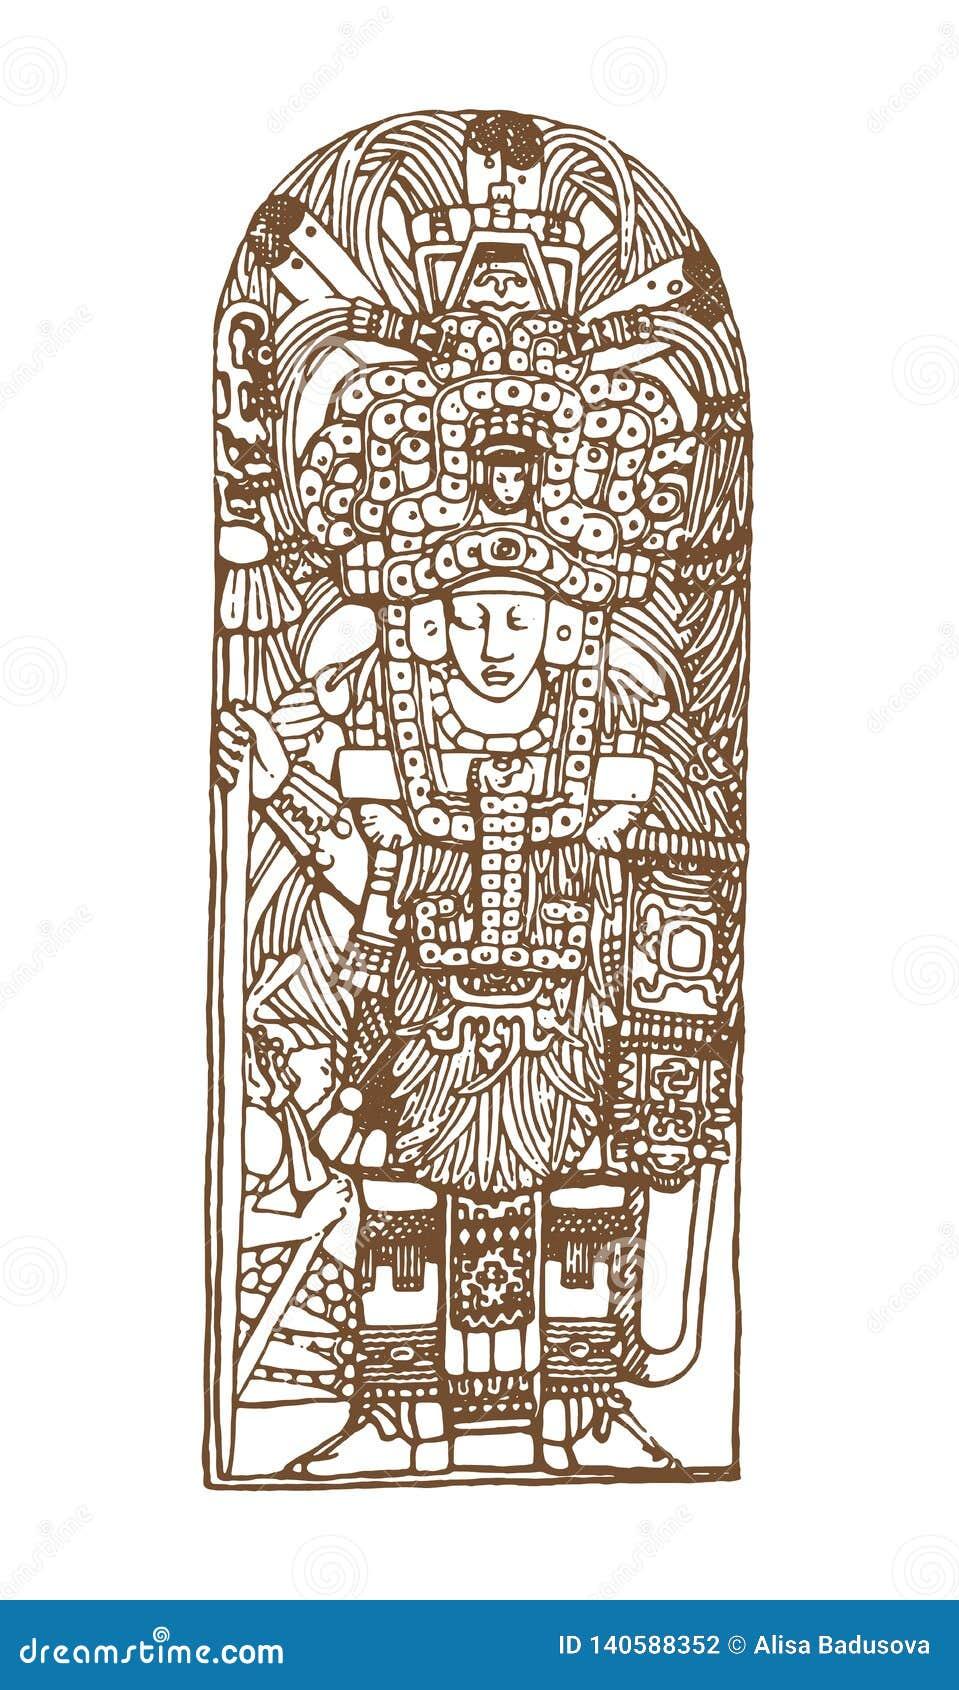 Винтажные графические глифы Майя, inca и ацтекские орнаменты и символы зодиака в старом американском индийском стиле вектор